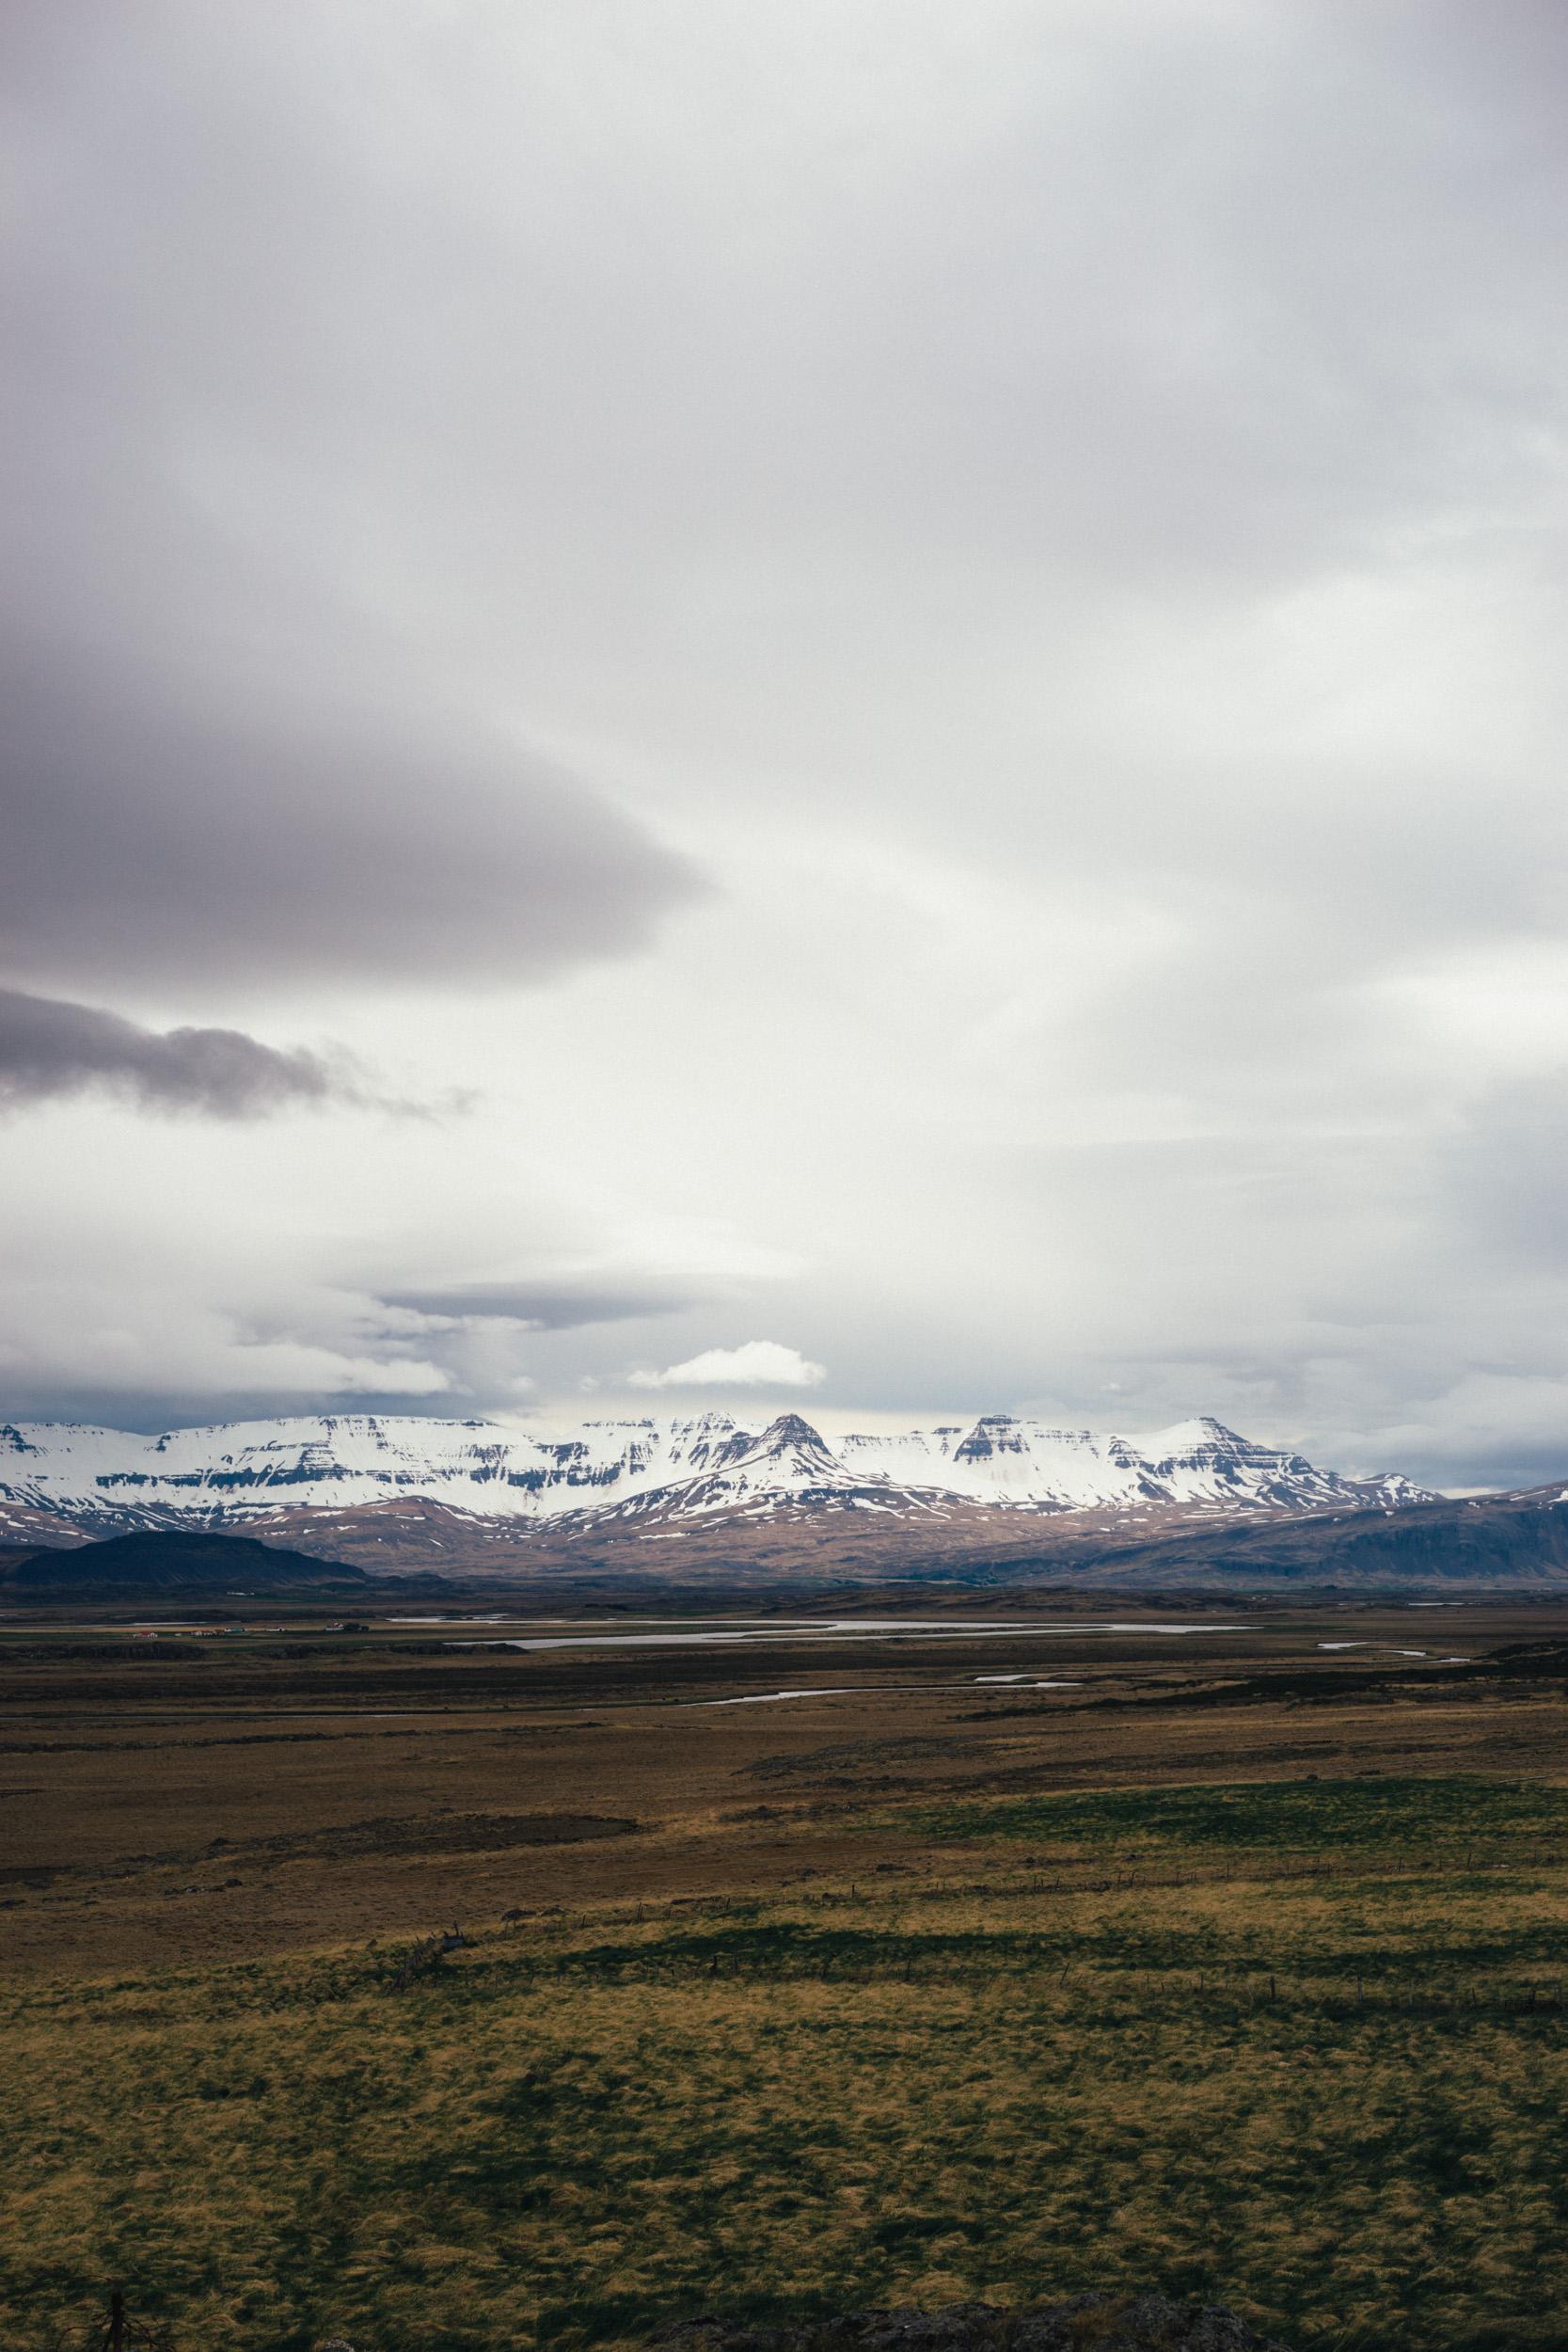 Mountains by Snæfellsjökull